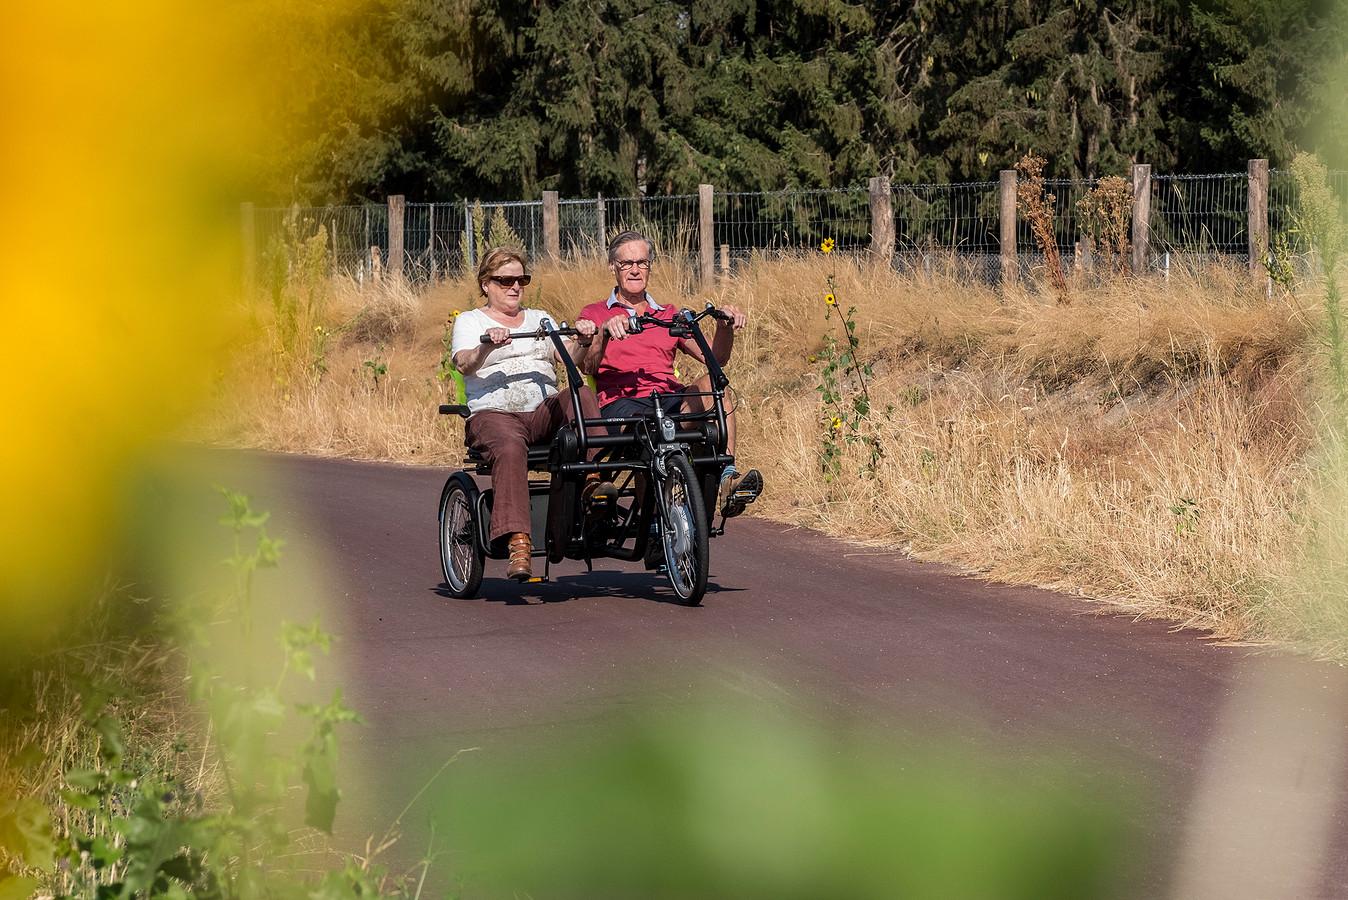 Mieke Bielschowsky en Piet van Eekelen maken een eerste ritje op de duofiets.   Foto Theo Peeters